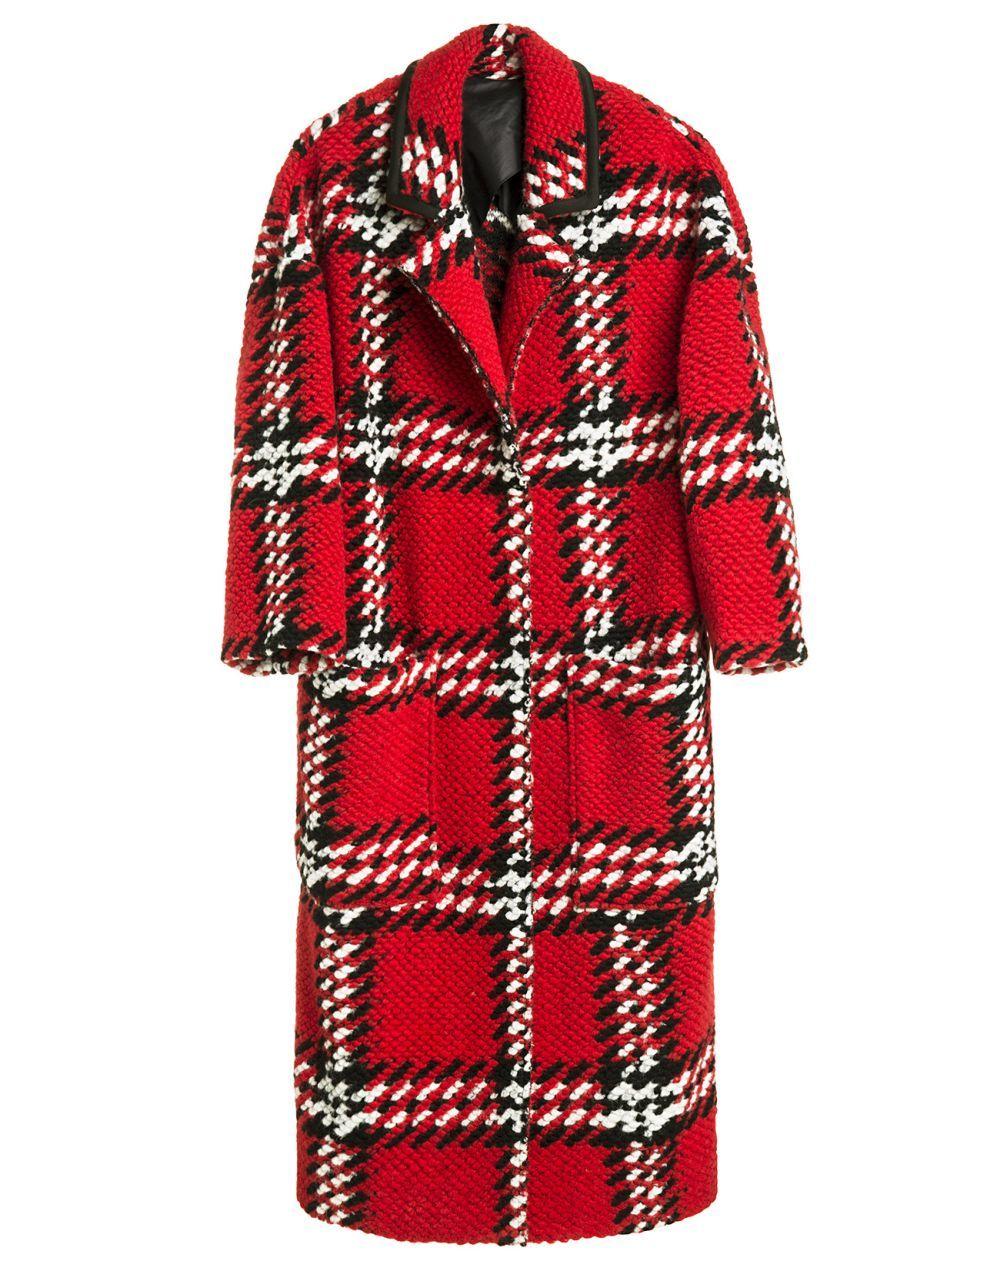 Abrigo de cuadros rojos de Bimba y Lola (325 euros)